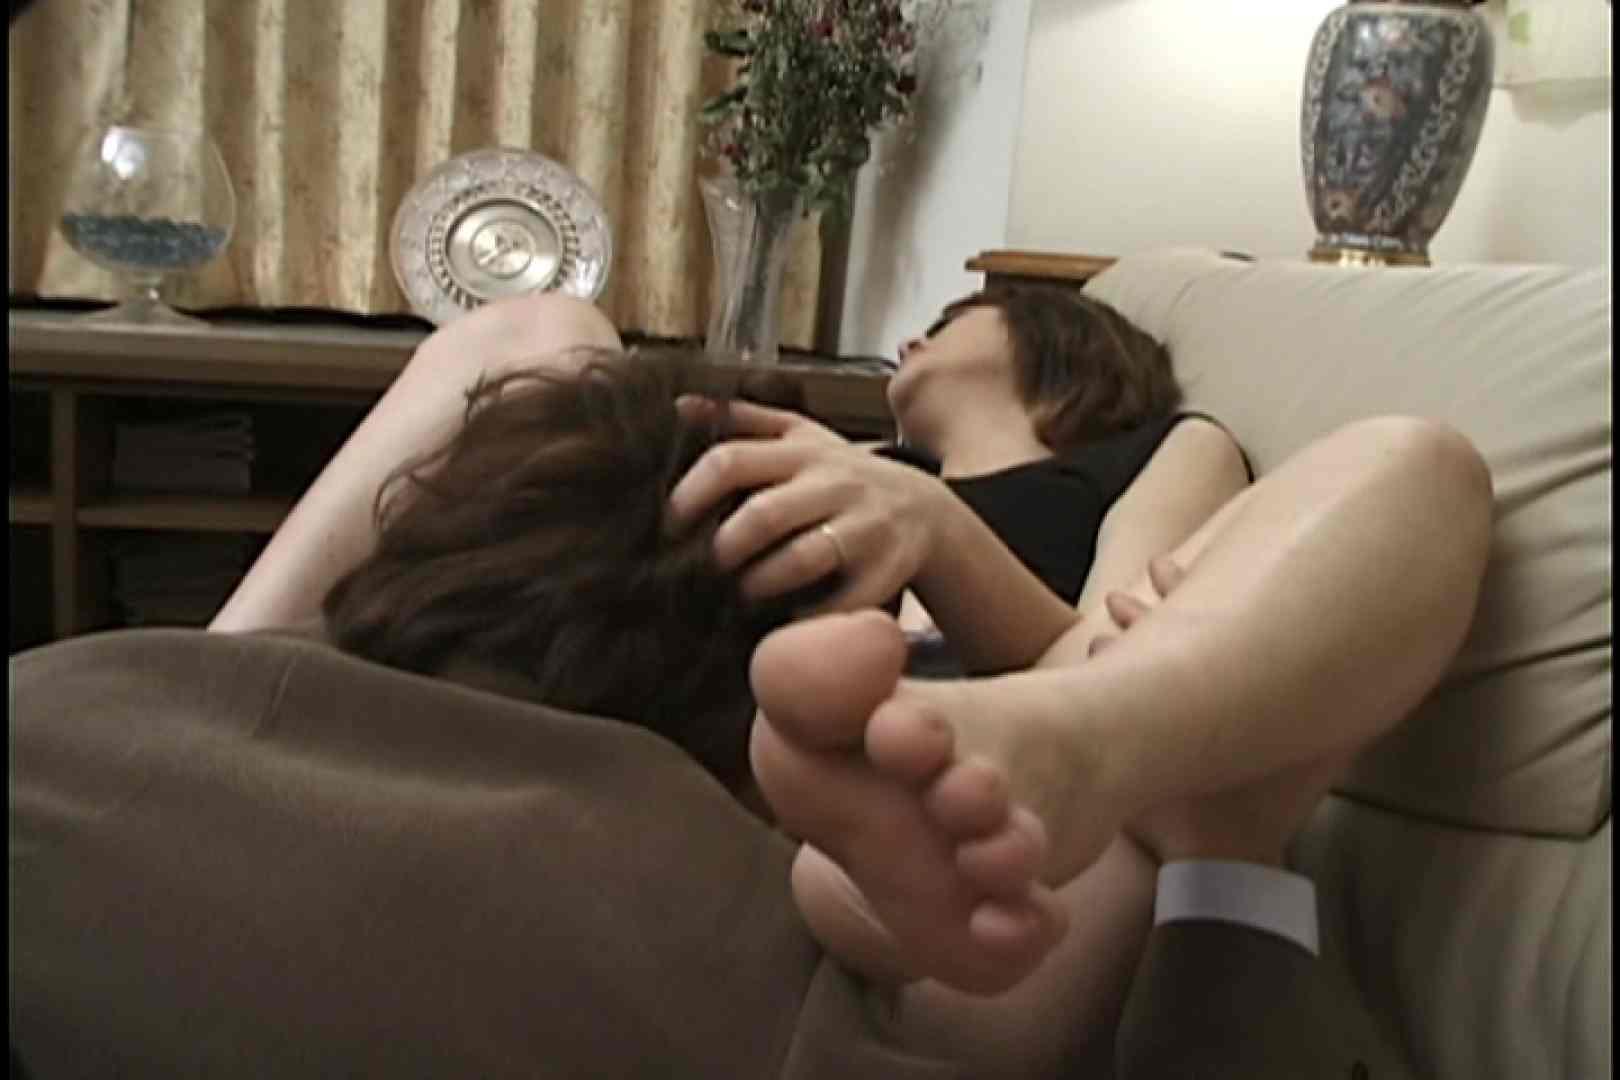 昼間の奥様は欲求不満 ~石川麻紀~ 熟女のエッチ  102pic 96